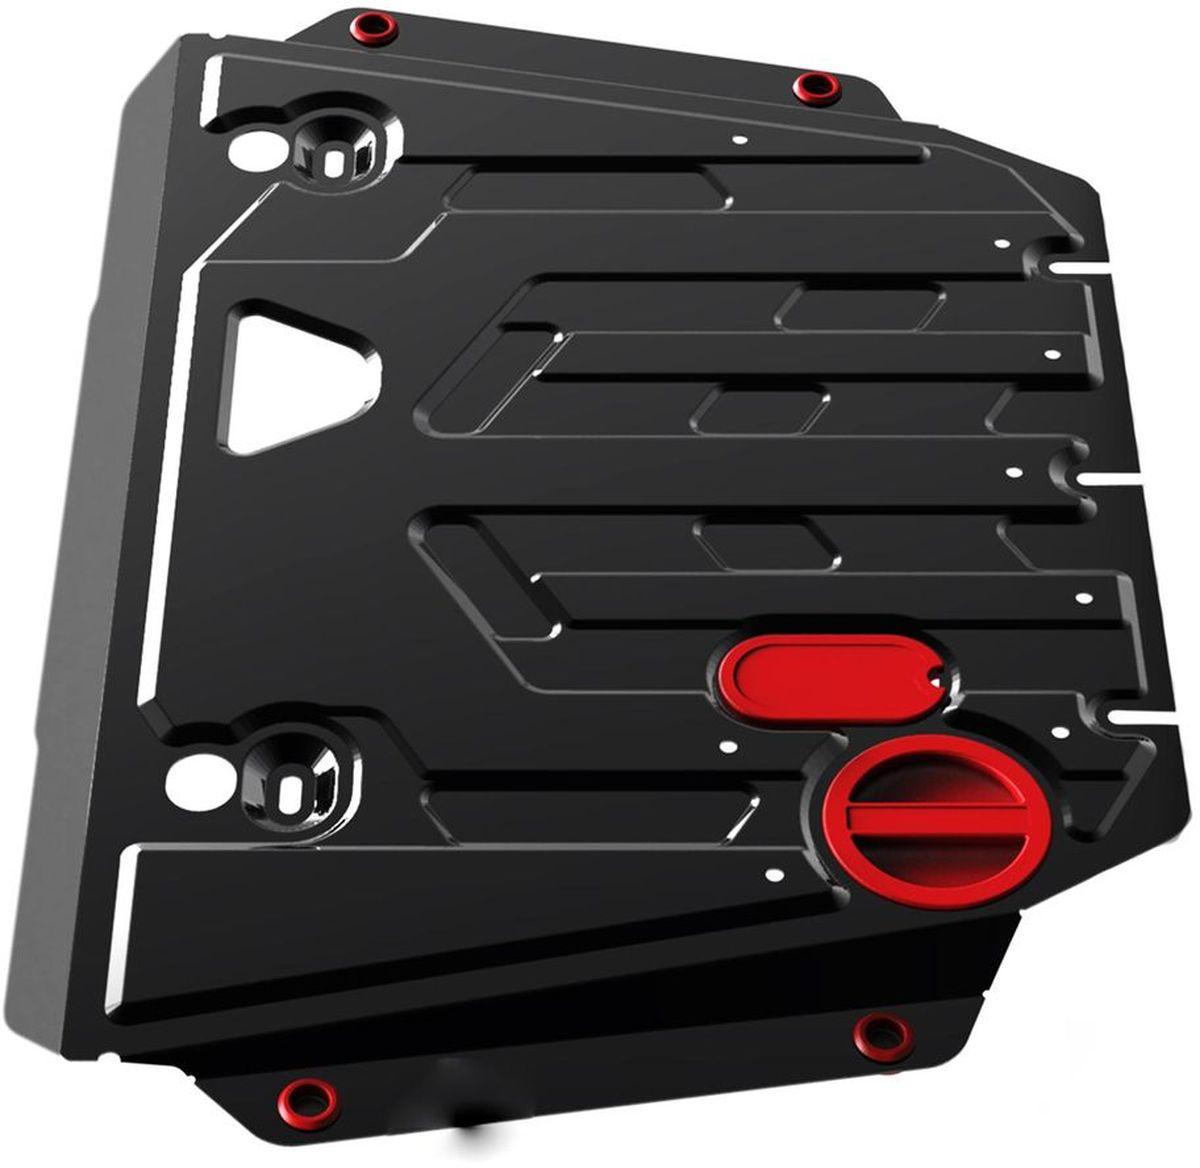 Защита картера и КПП Автоброня, для Lexus NX 200t, V-2,0 (2014-)1004900000360Технологически совершенный продукт за невысокую стоимость.Защита разработана с учетом особенностей днища автомобиля, что позволяет сохранить дорожный просвет с минимальным изменением.Защита устанавливается в штатные места кузова автомобиля. Глубокий штамп обеспечивает до двух раз больше жесткости в сравнении с обычной защитой той же толщины. Проштампованные ребра жесткости препятствуют деформации защиты при ударах.Тепловой зазор и вентиляционные отверстия обеспечивают сохранение температурного режима двигателя в норме. Скрытый крепеж предотвращает срыв крепежных элементов при наезде на препятствие.Шумопоглощающие резиновые элементы обеспечивают комфортную езду без вибраций и скрежета металла, а съемные лючки для слива масла и замены фильтра - экономию средств и время.Конструкция изделия не влияет на пассивную безопасность автомобиля (при ударе защита не воздействует на деформационные зоны кузова). Со штатным крепежом. В комплекте инструкция по установке.Толщина стали: 2 мм.Уважаемые клиенты!Обращаем ваше внимание, что элемент защиты имеет форму, соответствующую модели данного автомобиля. Фото служит для визуального восприятия товара и может отличаться от фактического.